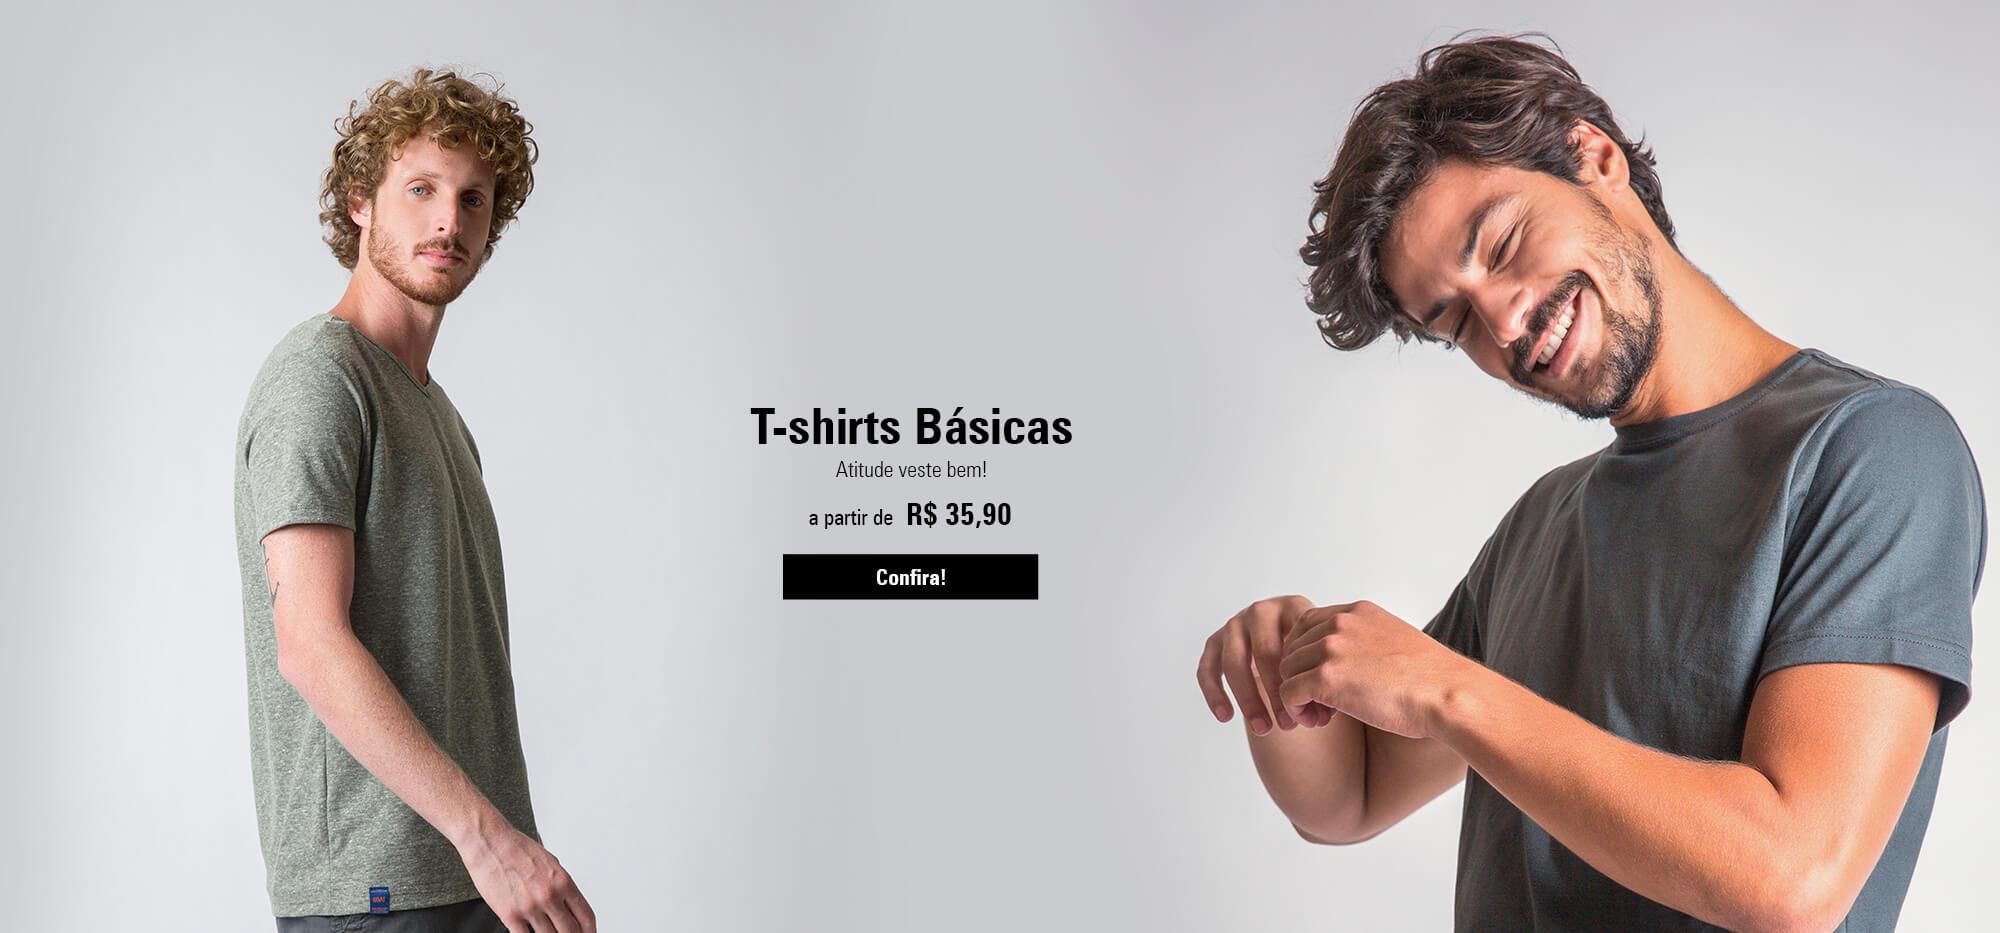 BASICOS - ESCURO